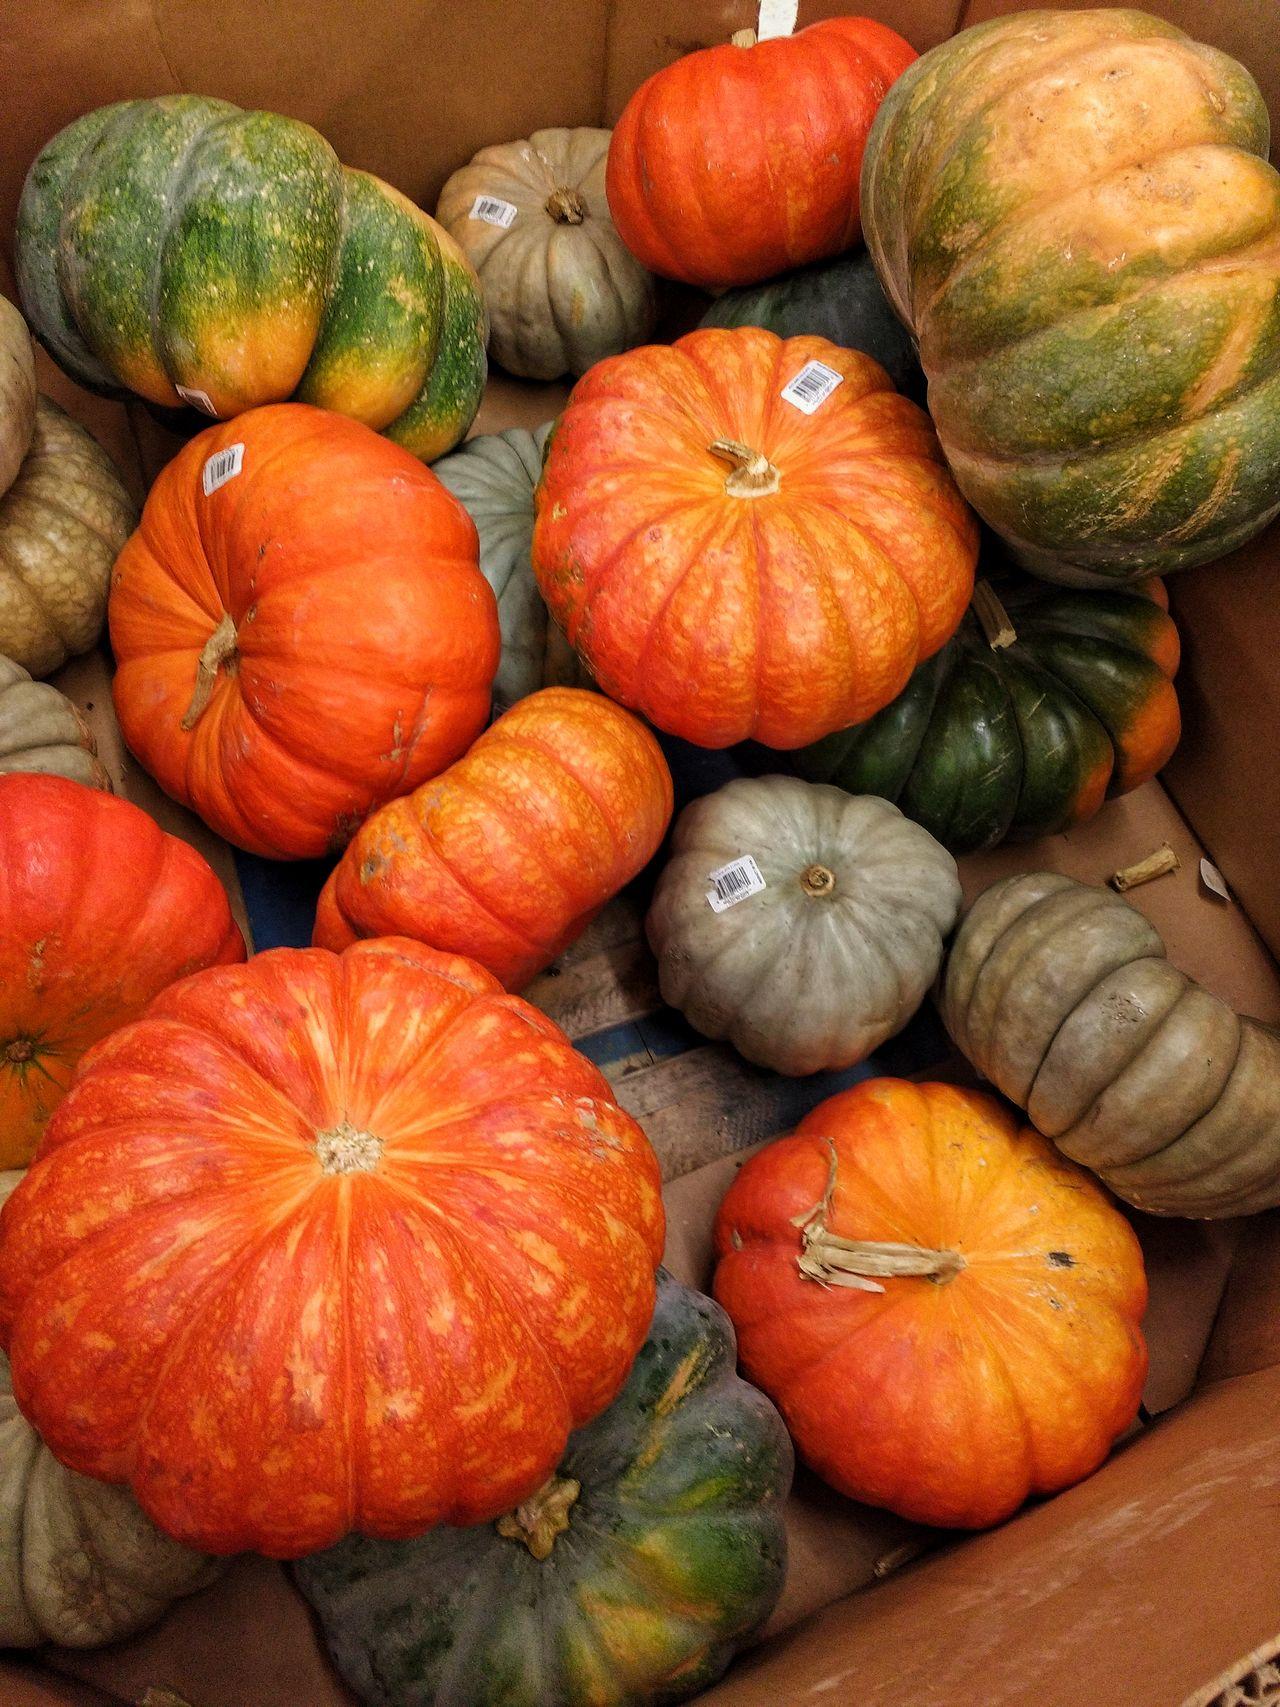 Strange Pumpkins. Pumpkins Display Bin Grocery Store Walmart Halloween